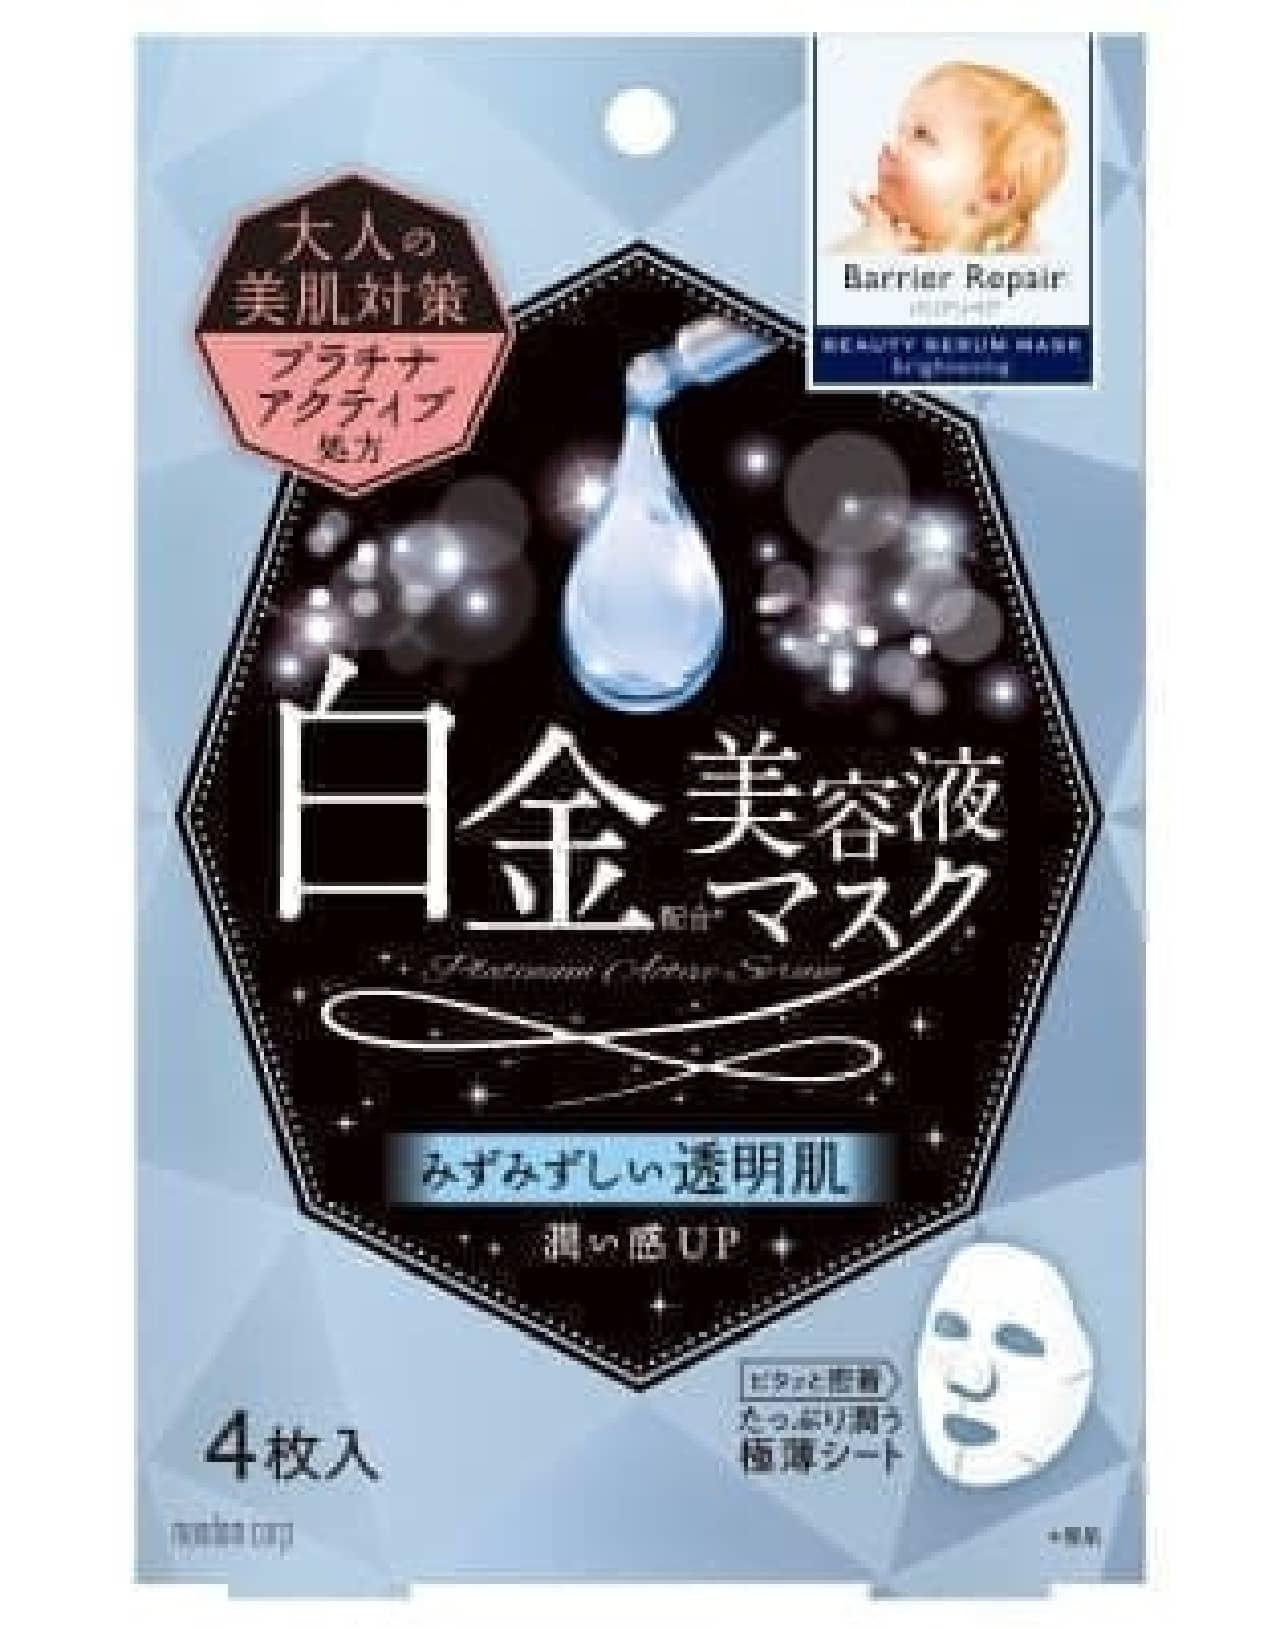 バリアリペア ビューティセラムマスク 透明感タイプ